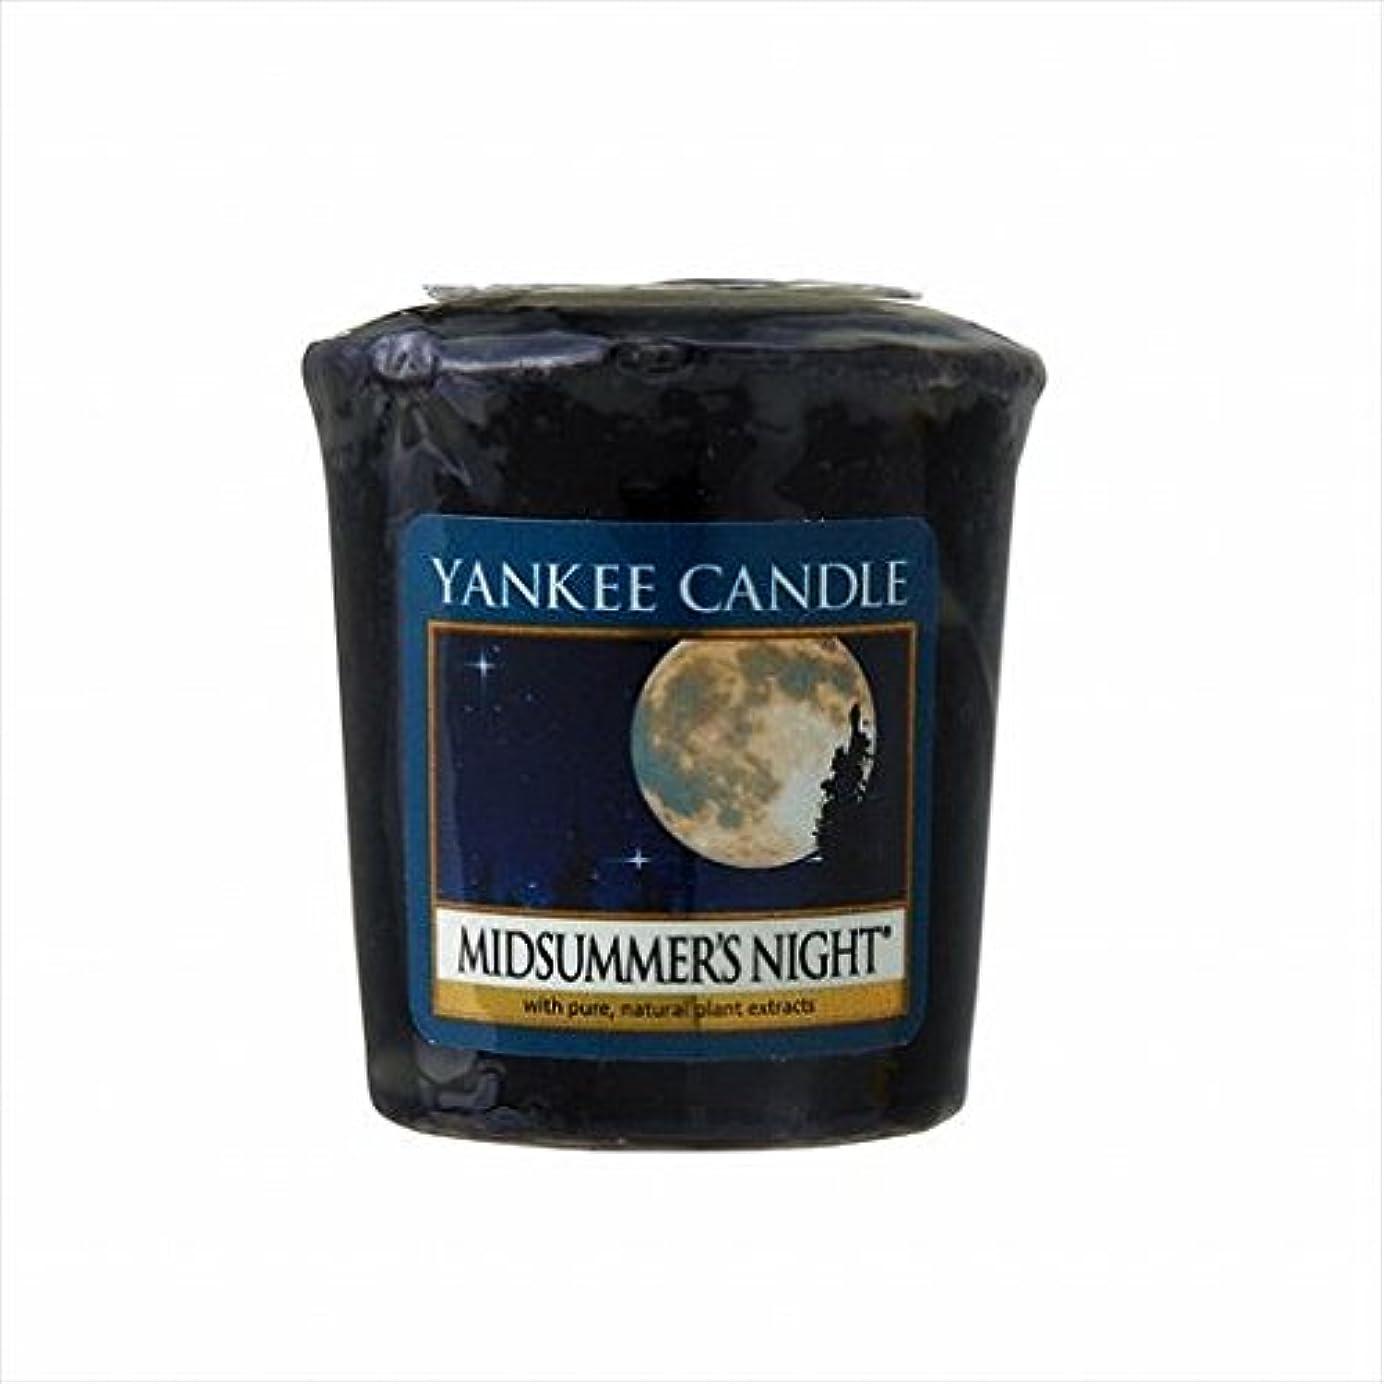 クレーンレンダーオールカメヤマキャンドル(kameyama candle) YANKEE CANDLE サンプラー 「 ミッドサマーズナイト 」